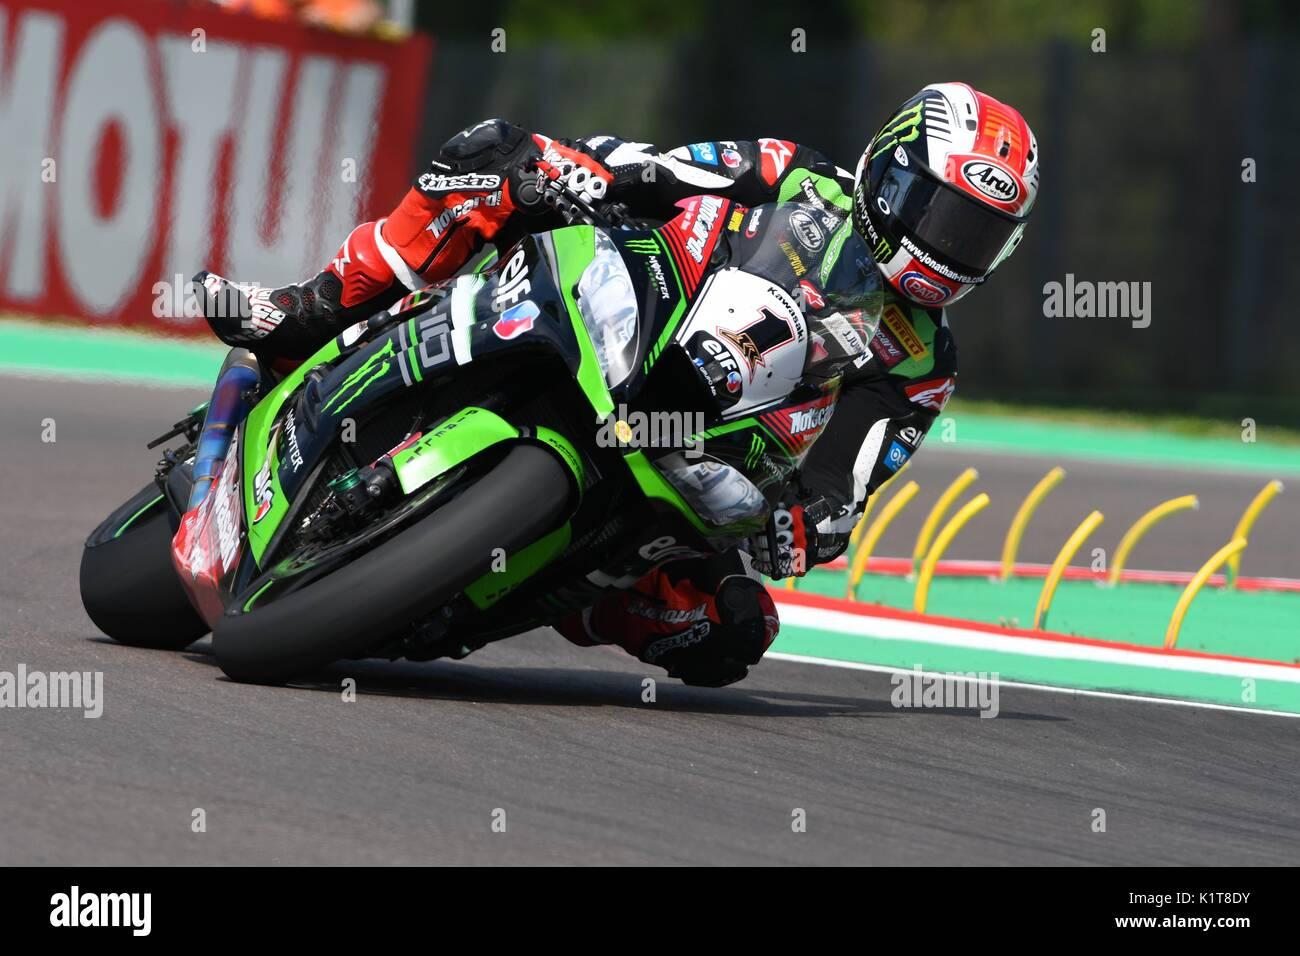 San Marino, Italy - May 12: Jonathan Rea of Great Britain Kawasaki Racing Team rides during qualifyng session at the World Superbike Championship.at I - Stock Image